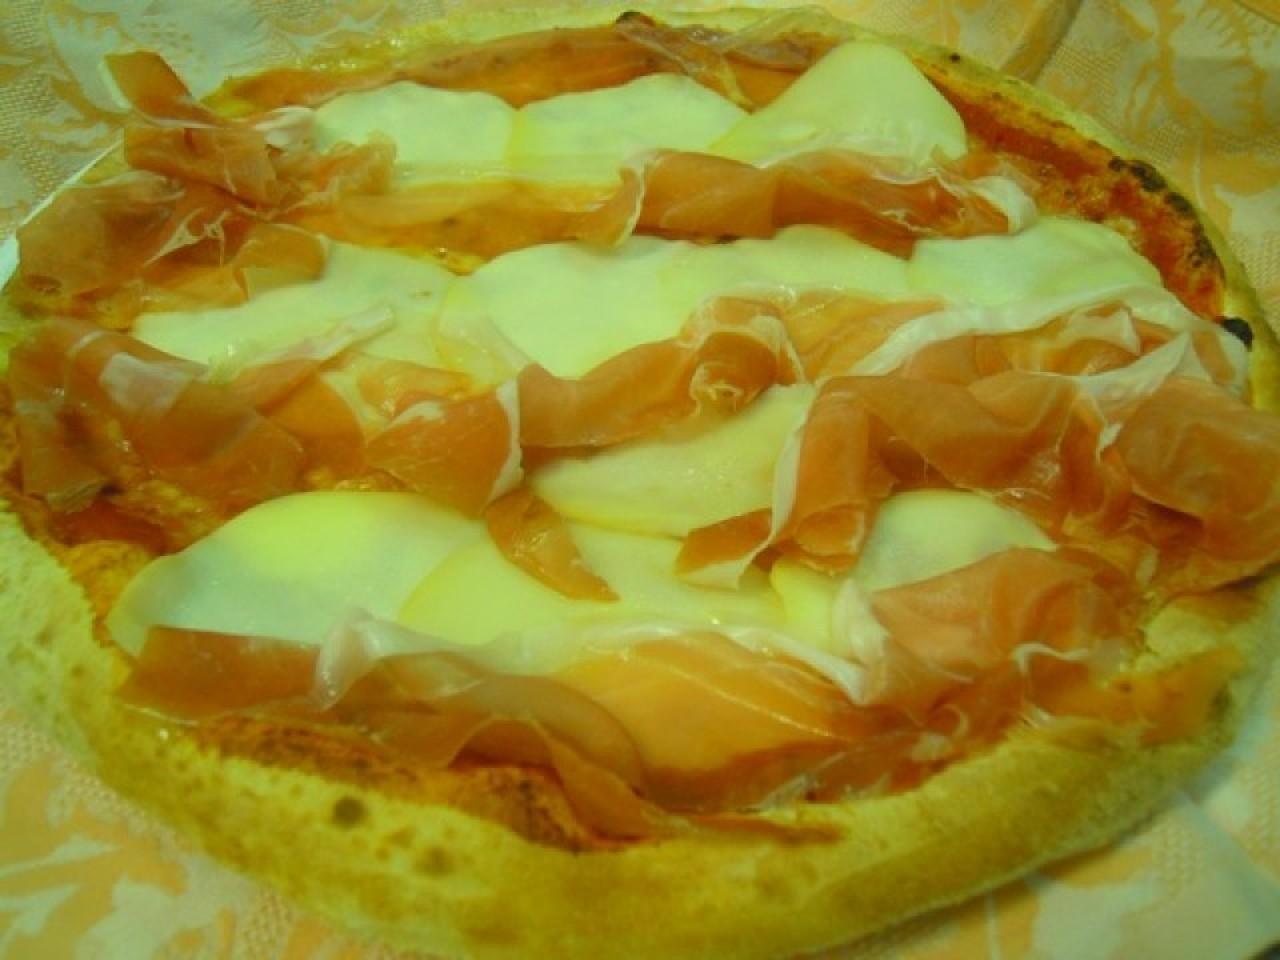 Trattoria - Pizzeria Al Cacciatore di Babbino Francesco